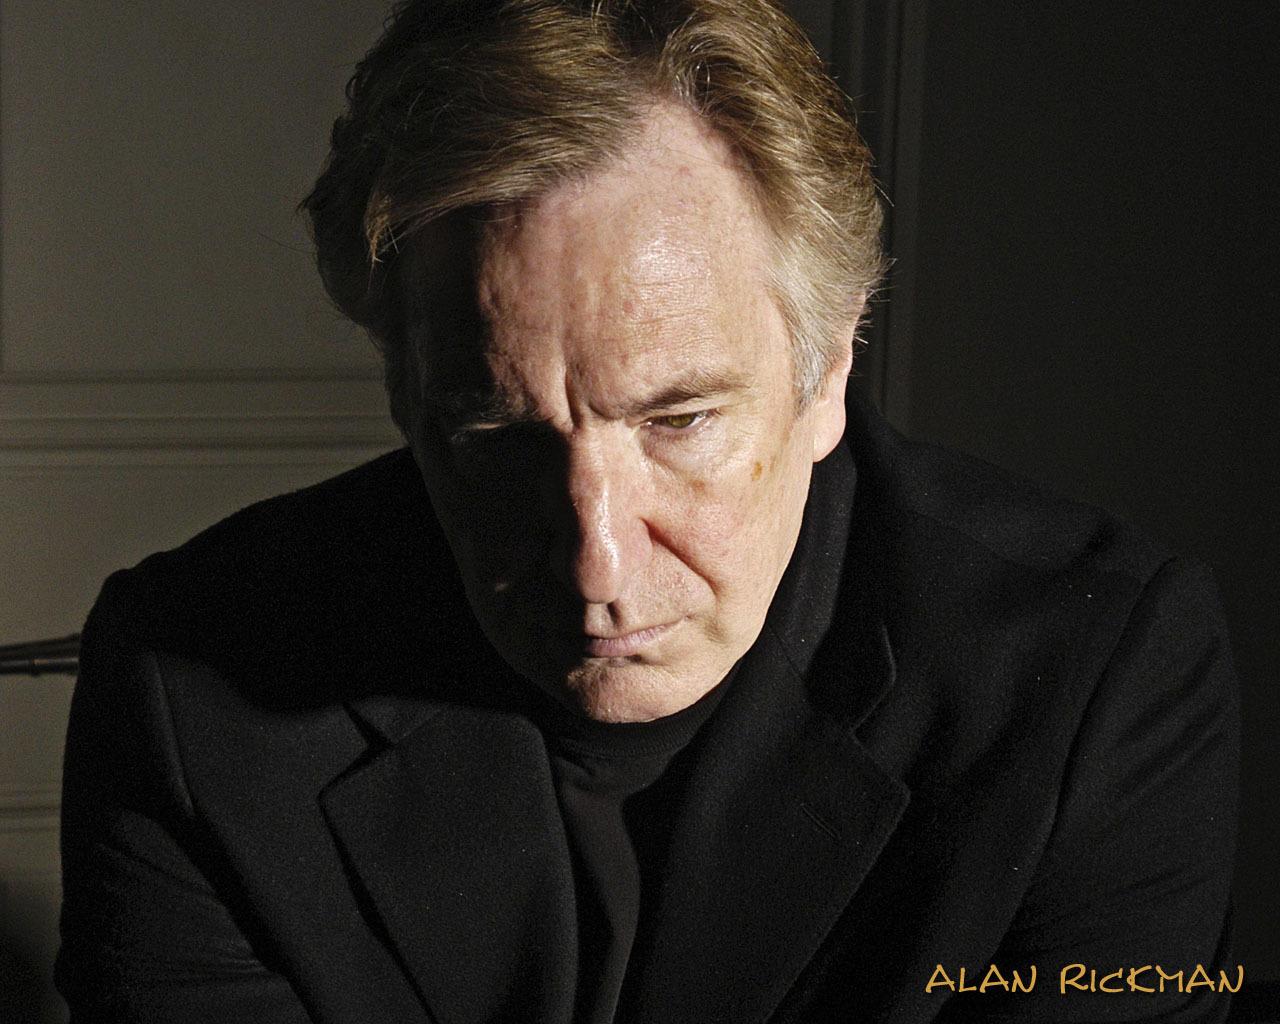 photo Alan Rickman telechargement gratuit